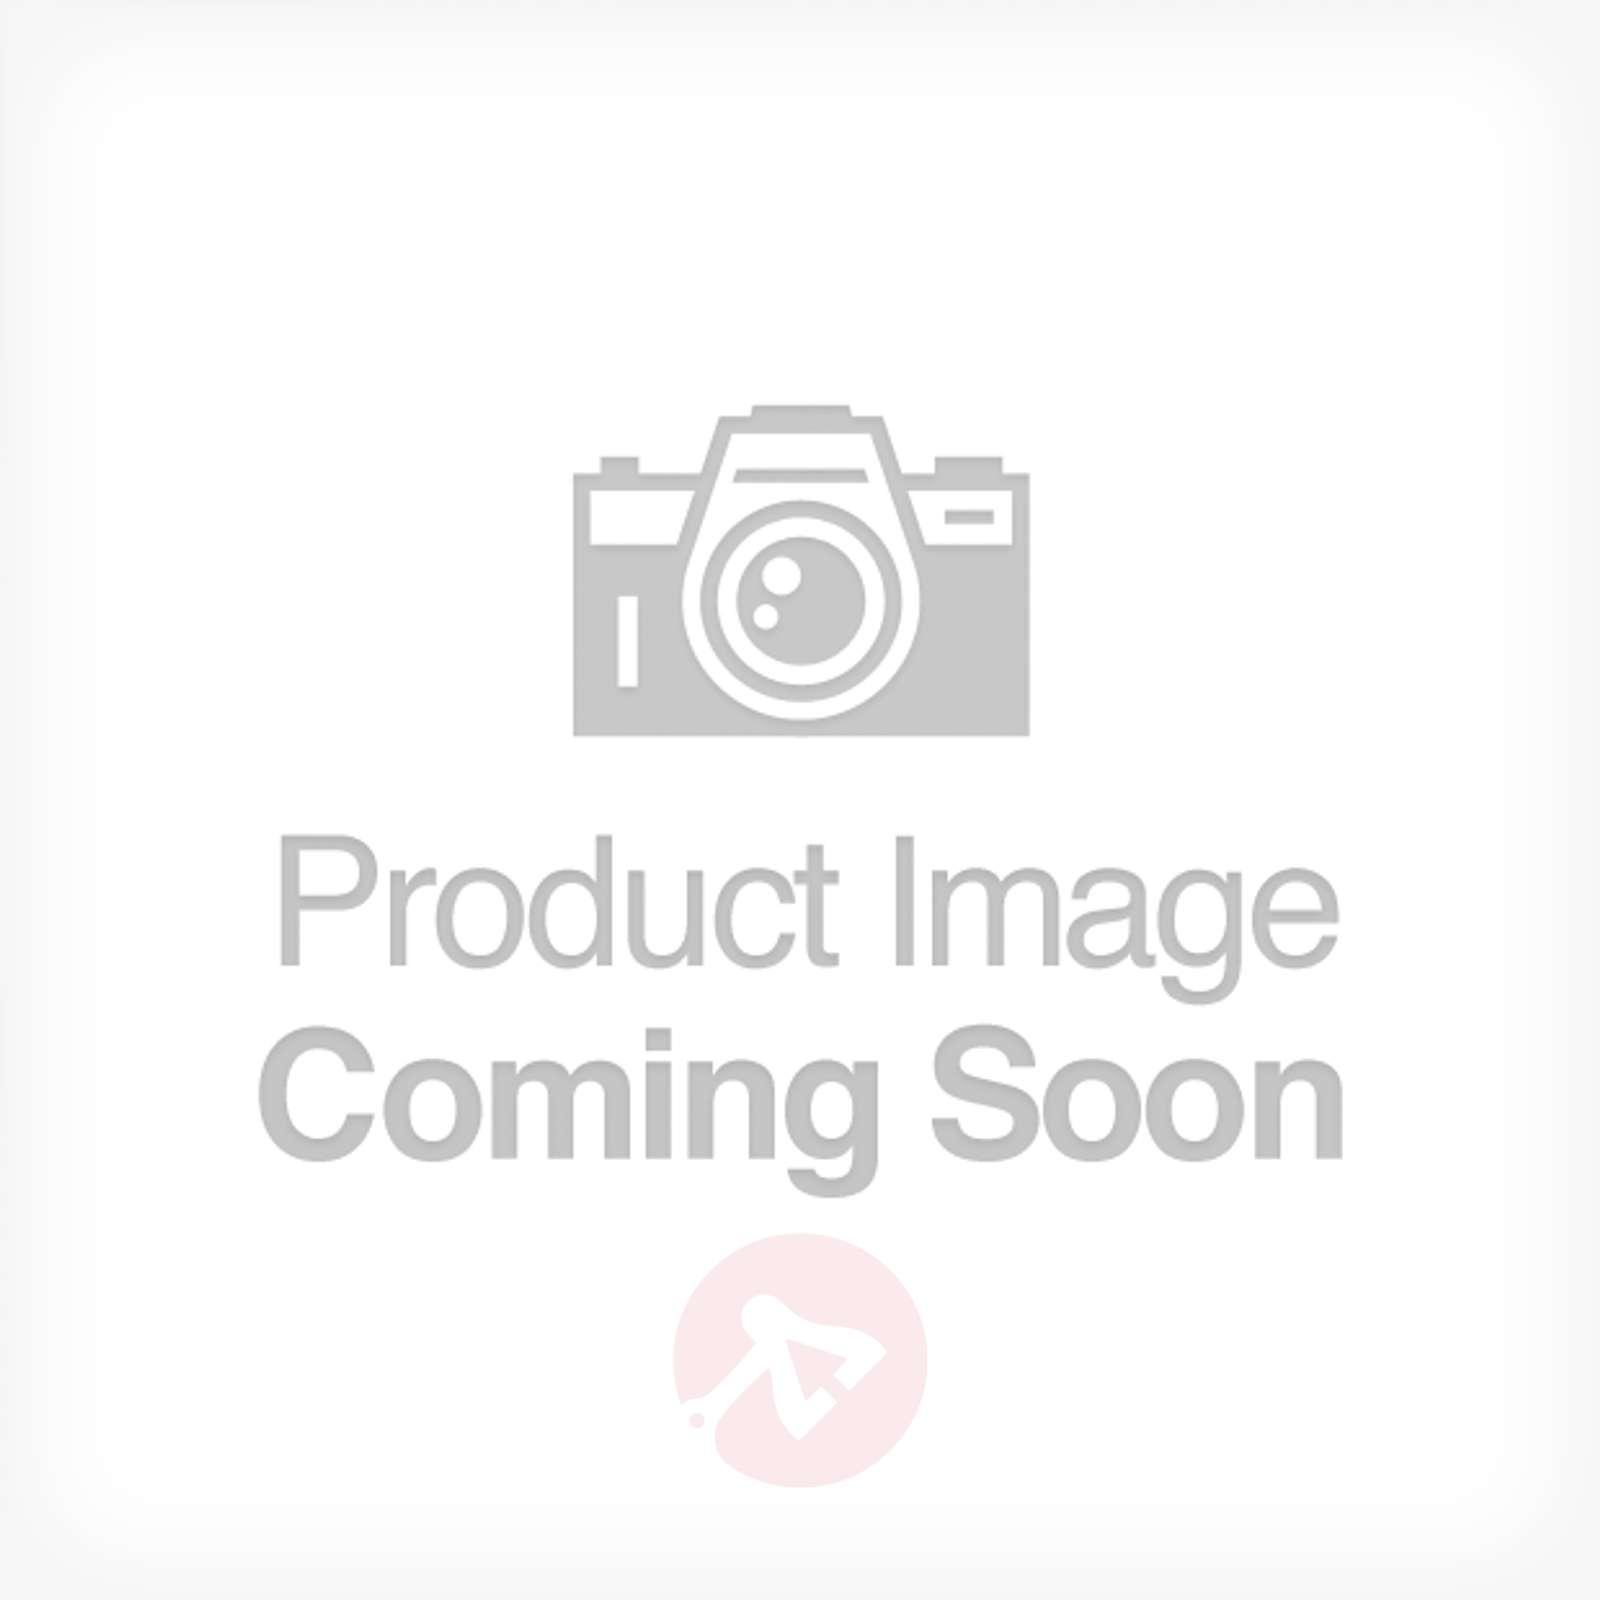 Sydän-aiheinen kankainen Flo-kattovalaisin, 60 cm-1069026-01